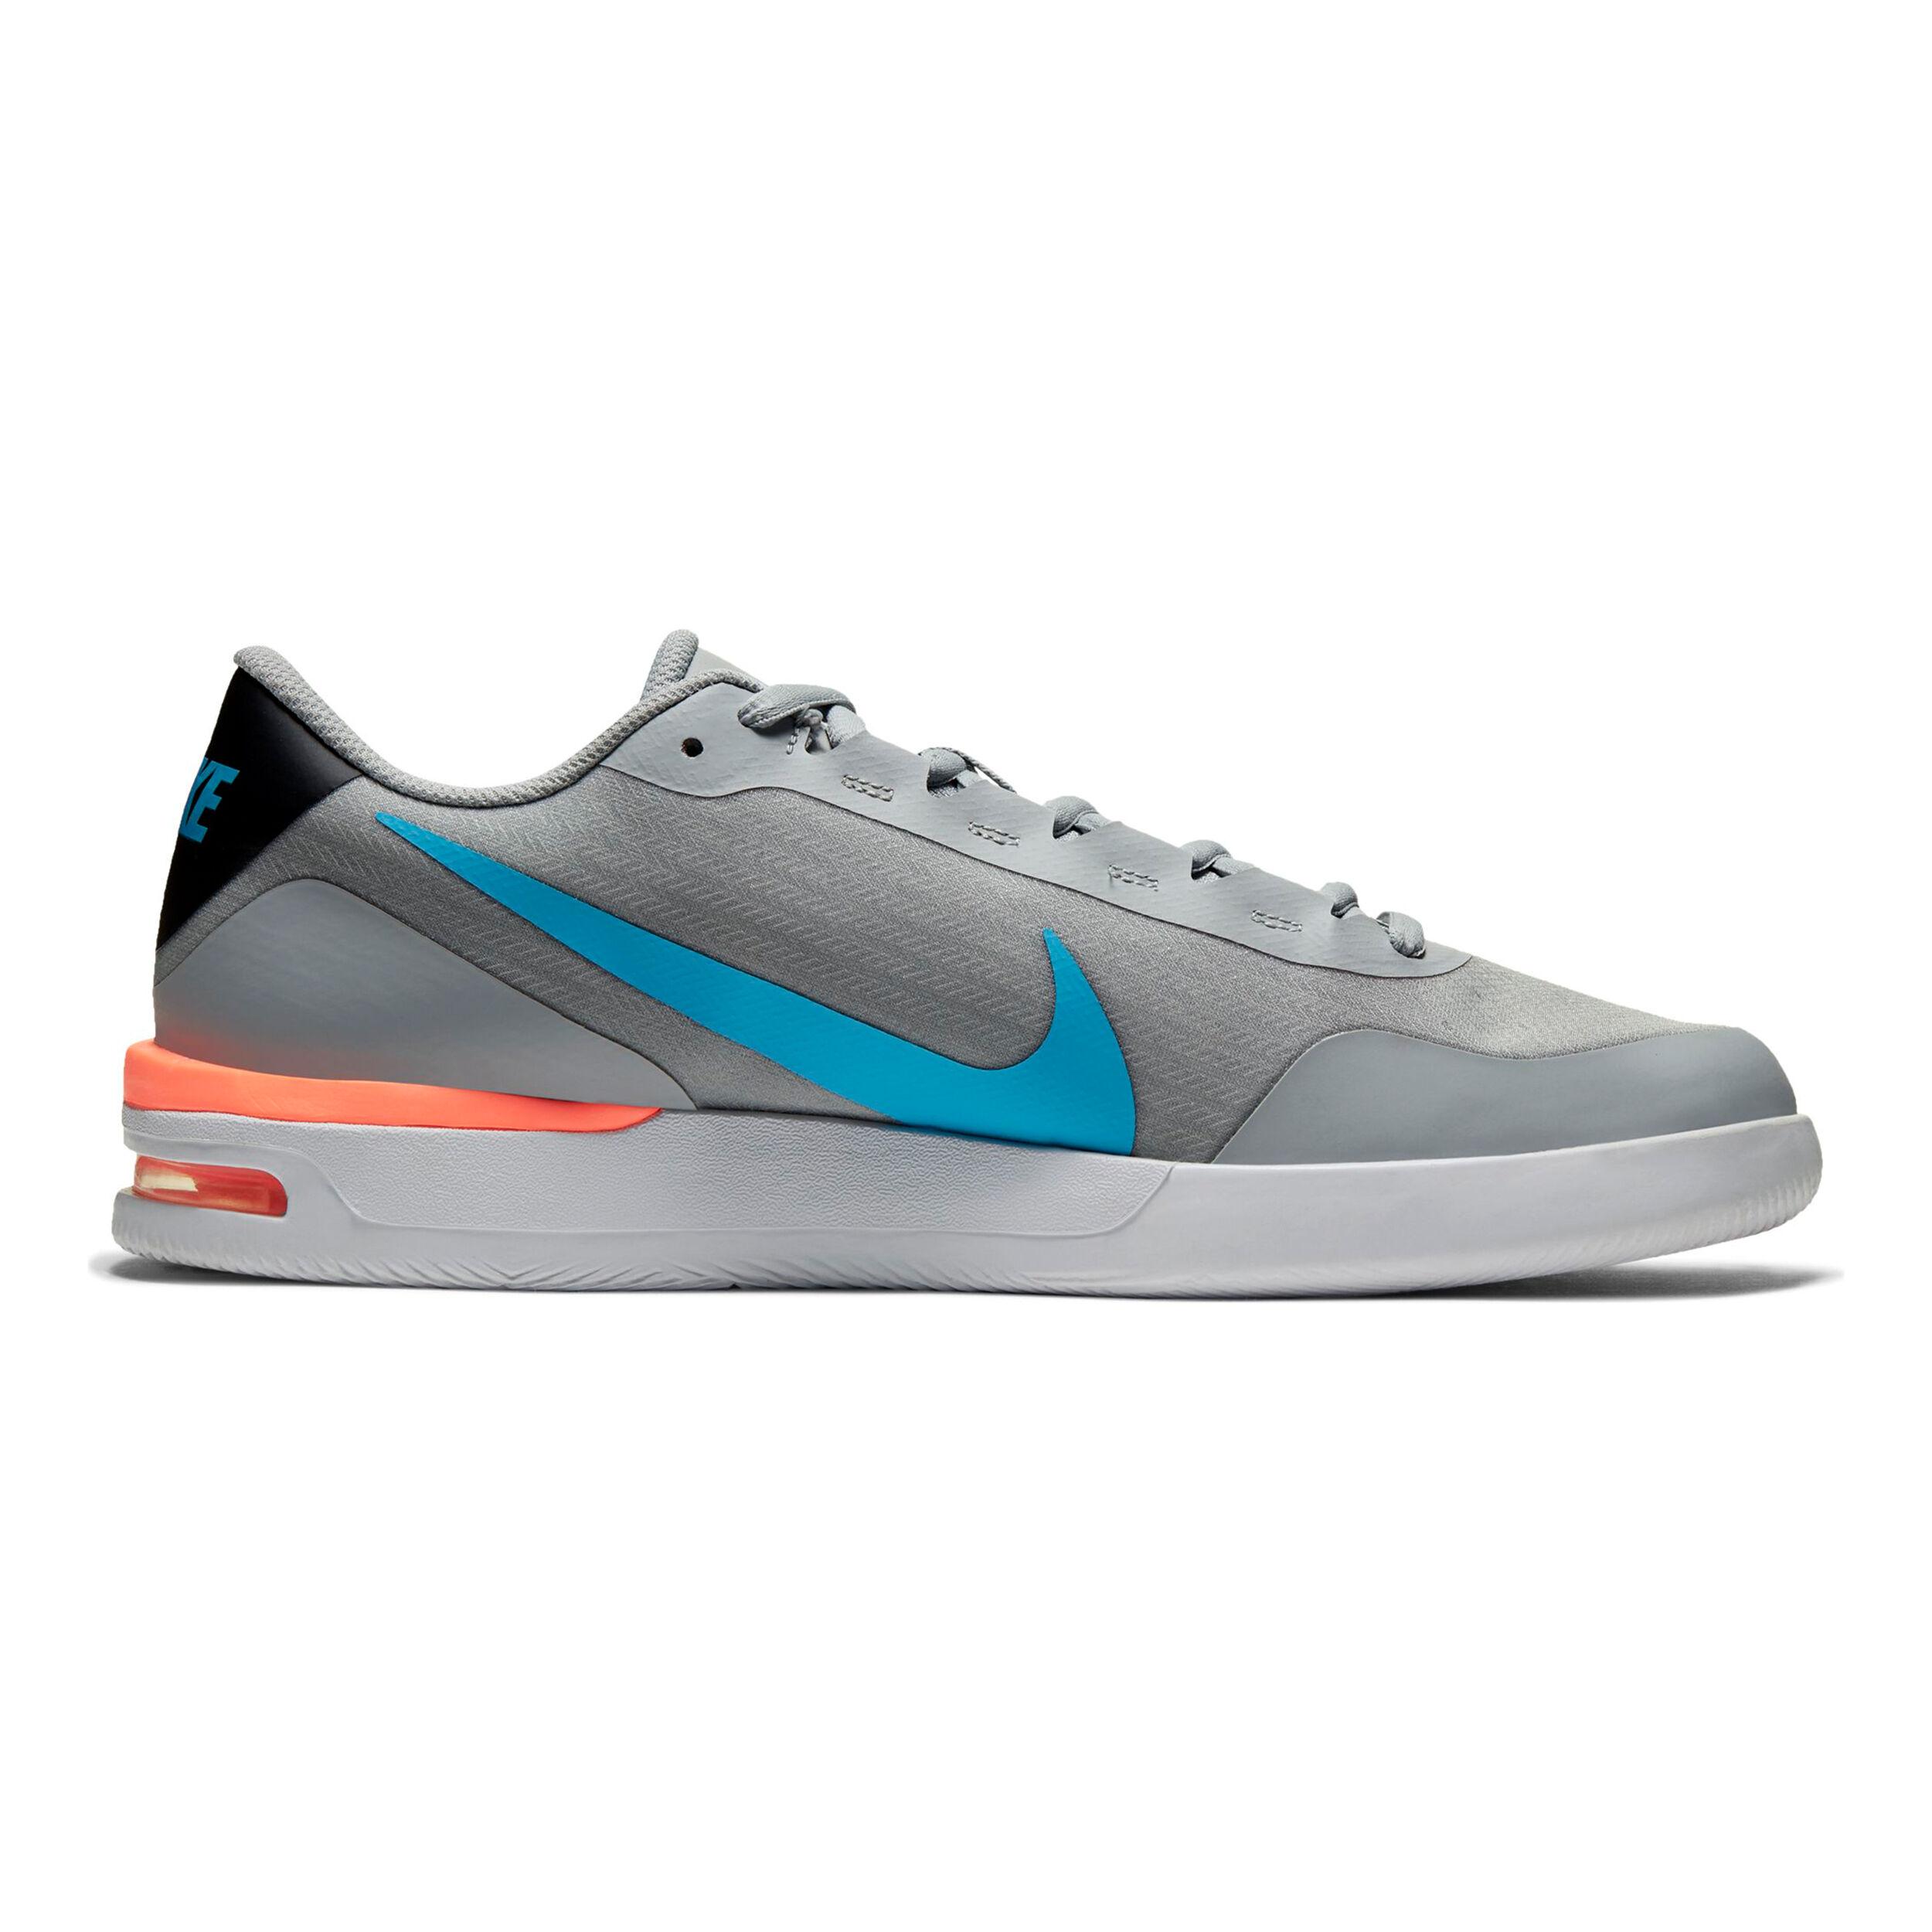 Nike Air Vapor Max Wing MS Zapatilla Todas Las Superficies